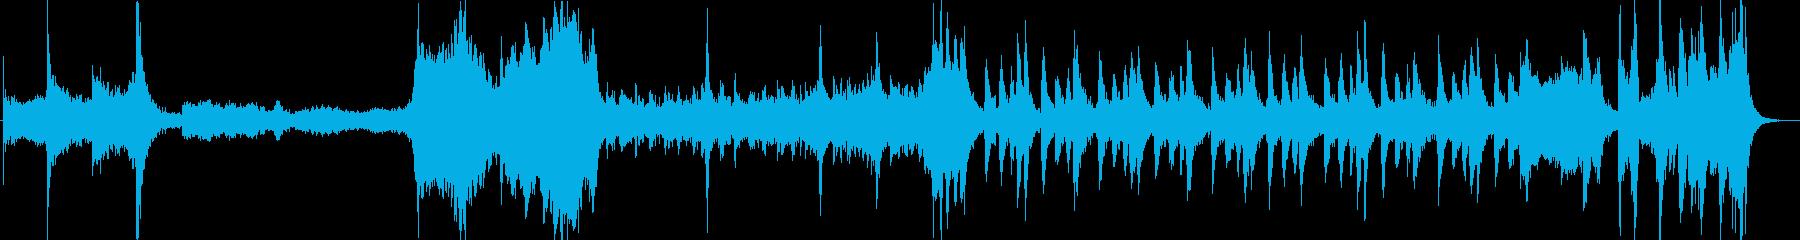 サスペンス的なオーケストラ曲の再生済みの波形